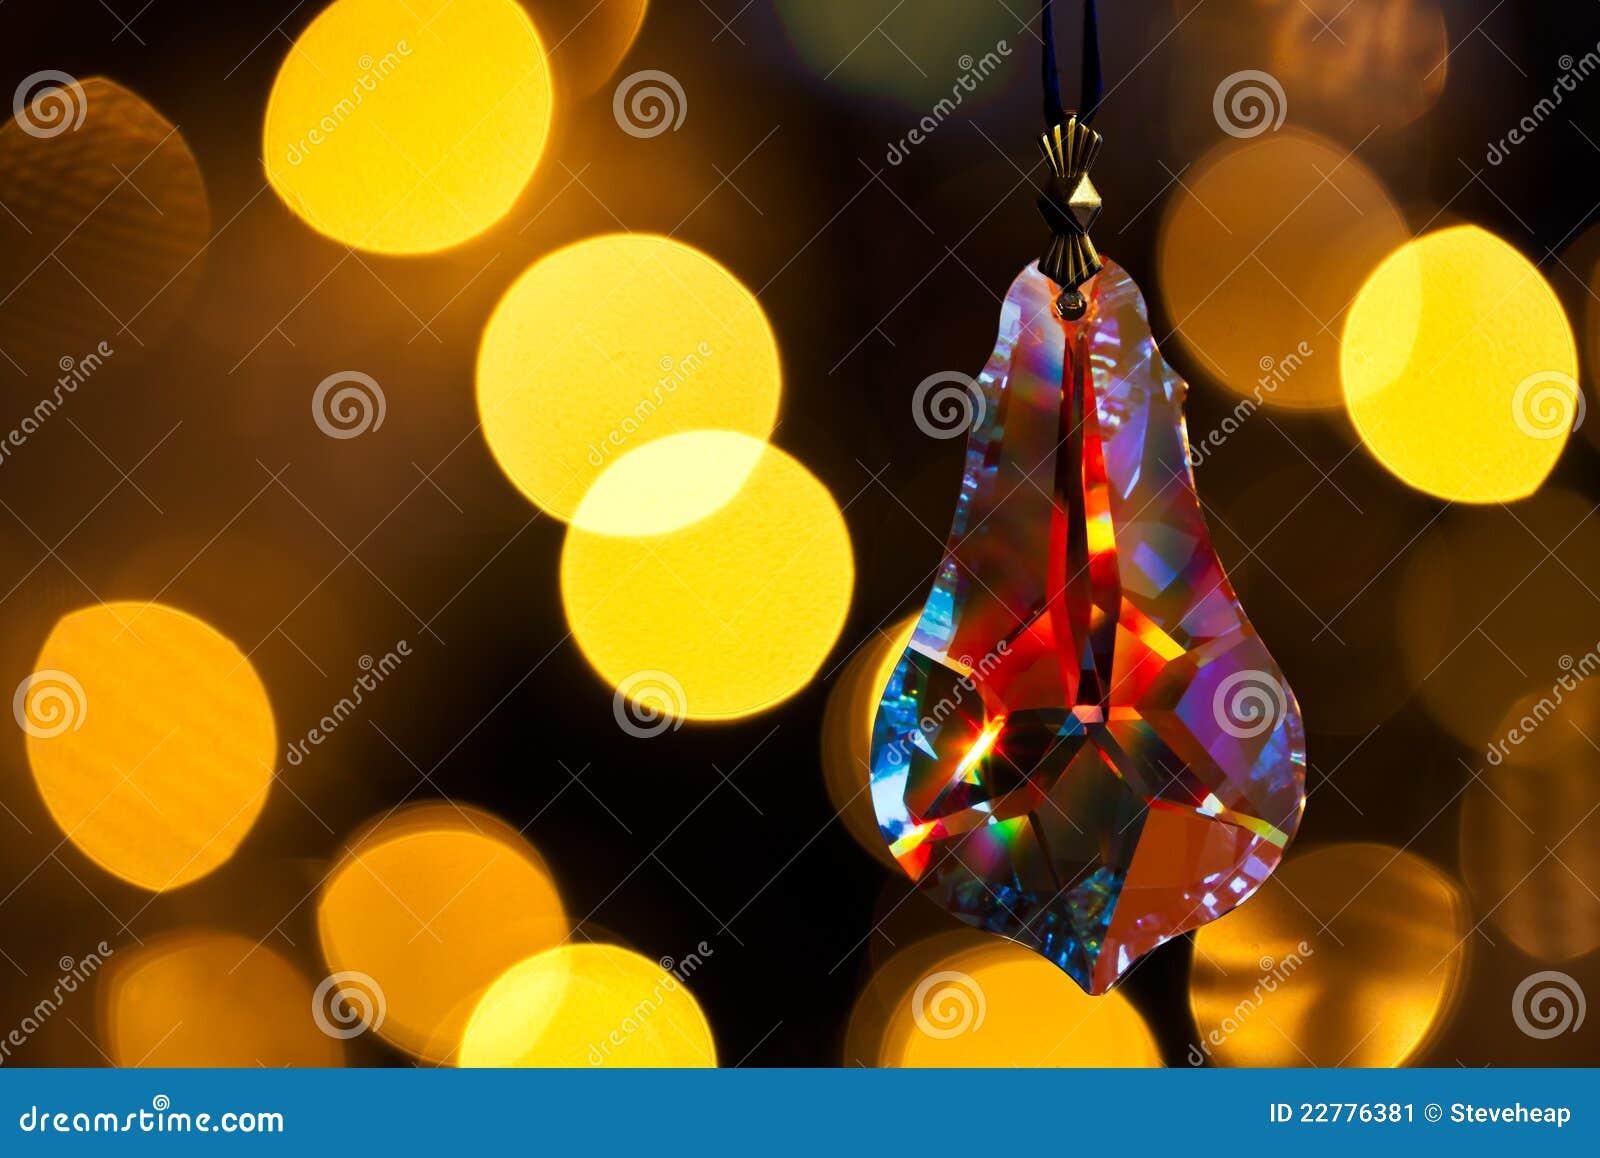 Glasdekoration vor Weihnachtsbaum